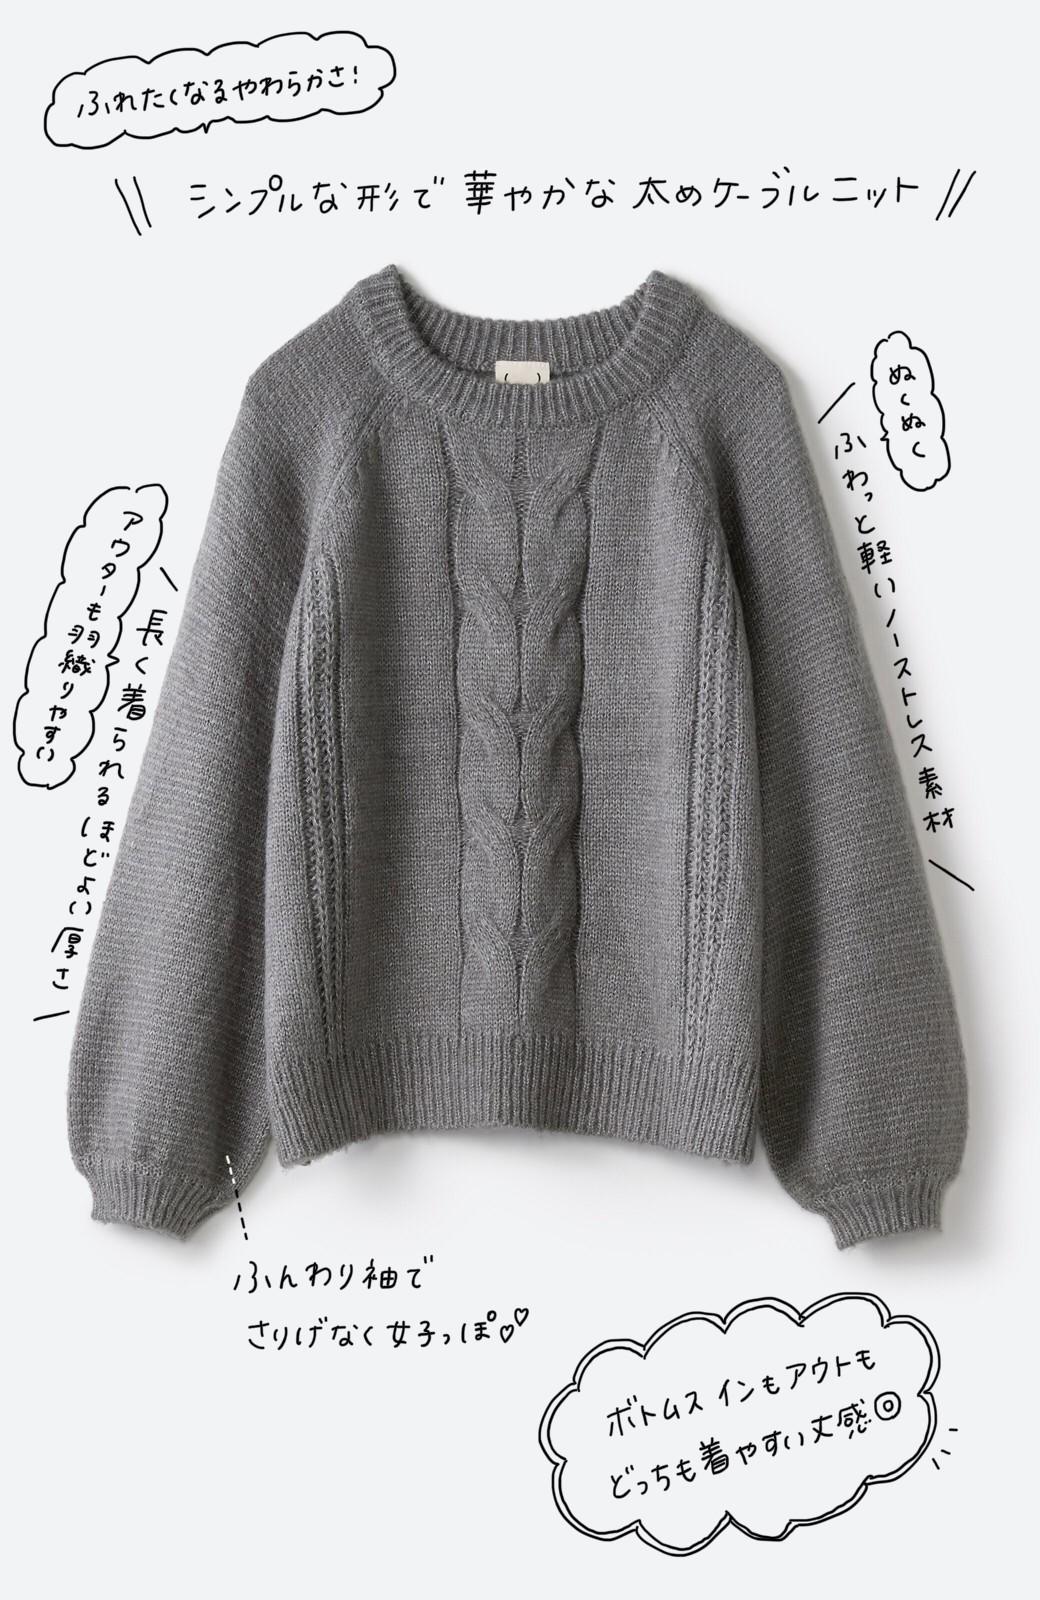 haco! しまった!寝坊した!ってときにも安心なケーブル編みがかわいいニットアップ <グレー>の商品写真3